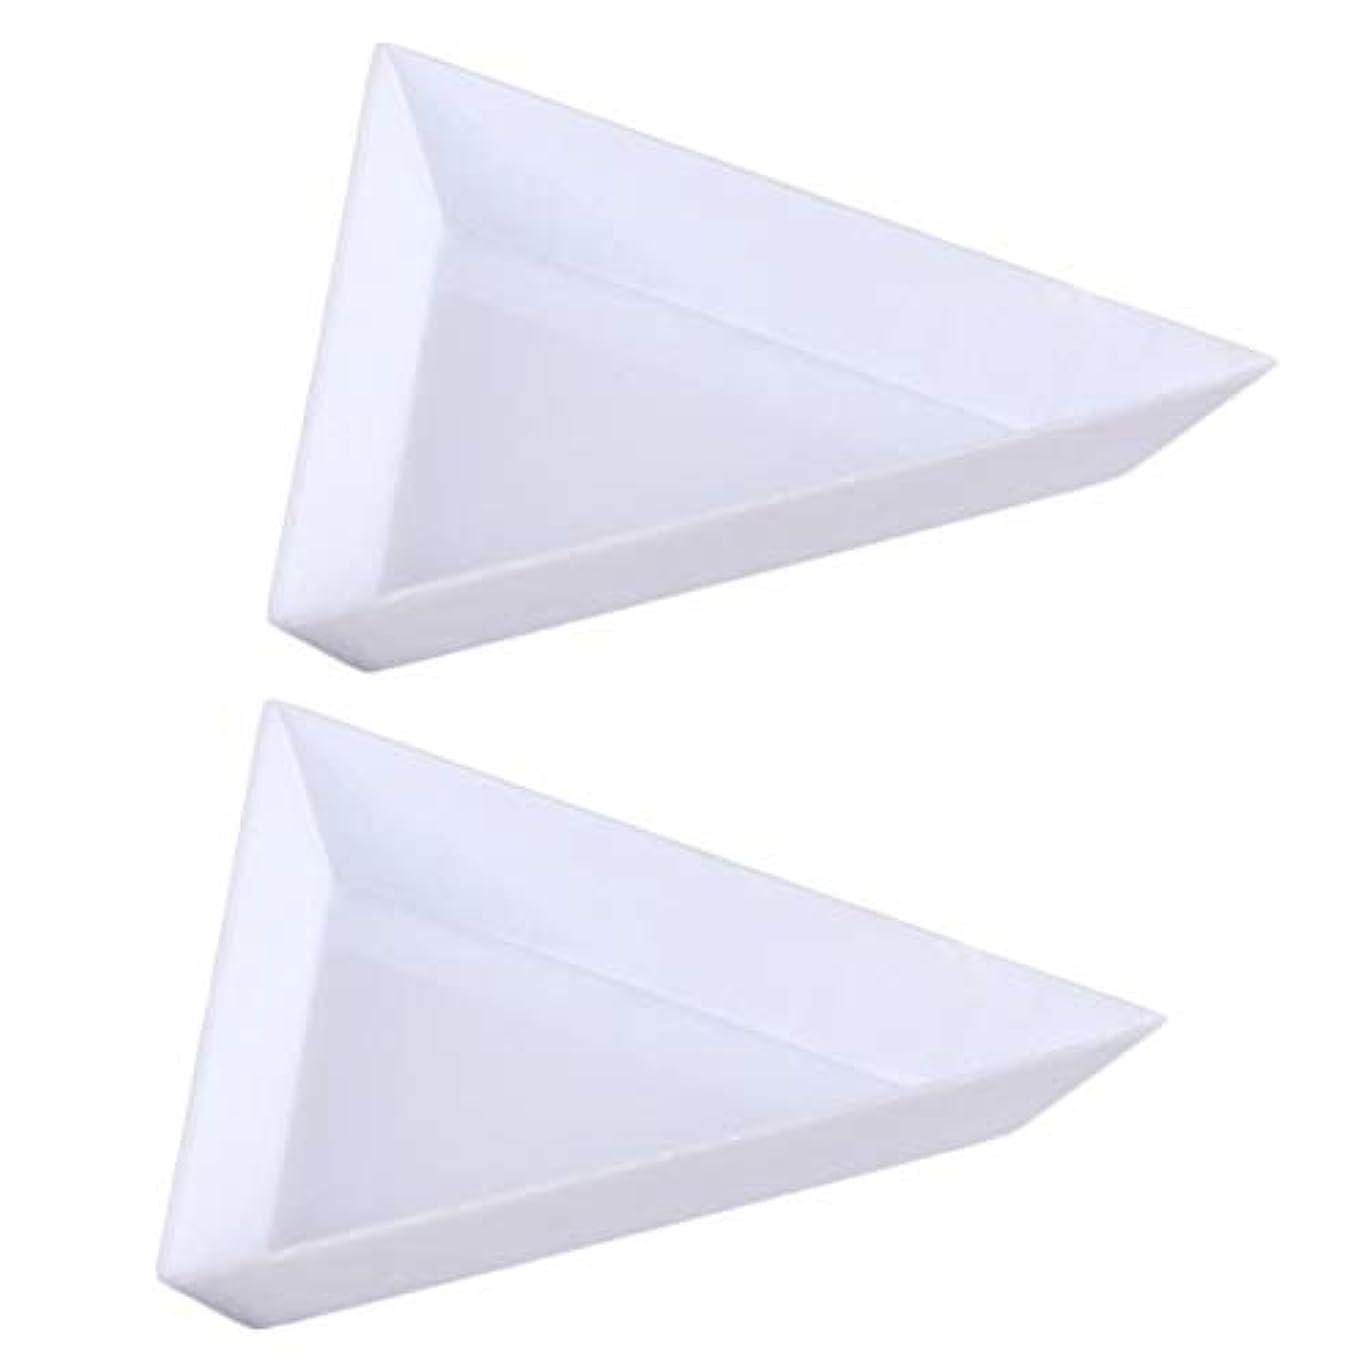 任命する委任するチューリップTOOGOO 10個三角コーナープラスチックラインストーンビーズ 結晶 ネイルアートソーティングトレイアクセサリー白 DiyネイルアートデコレーションDotting収納トレイ オーガニゼーションに最適